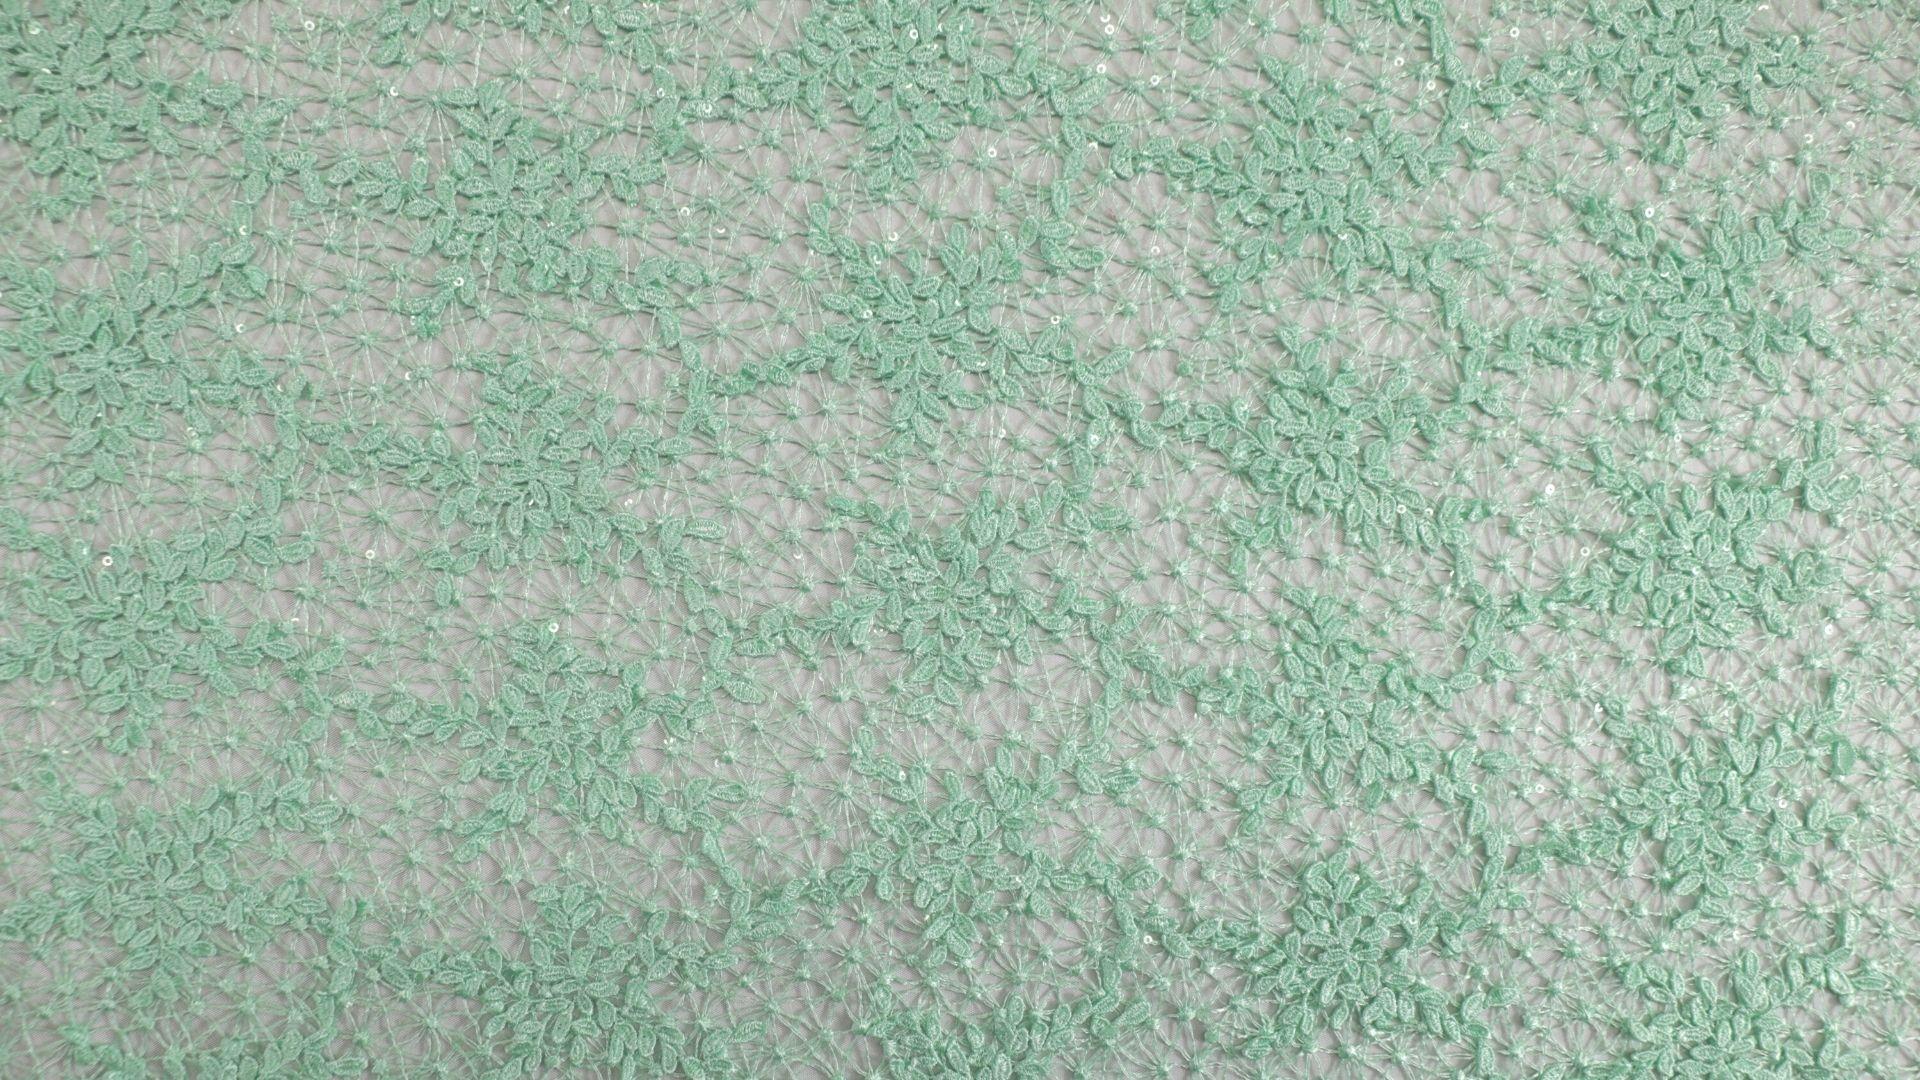 il particolare del tessuto dr21, appartenente alla categoria ricami senza accessori, di Leadford & Logan